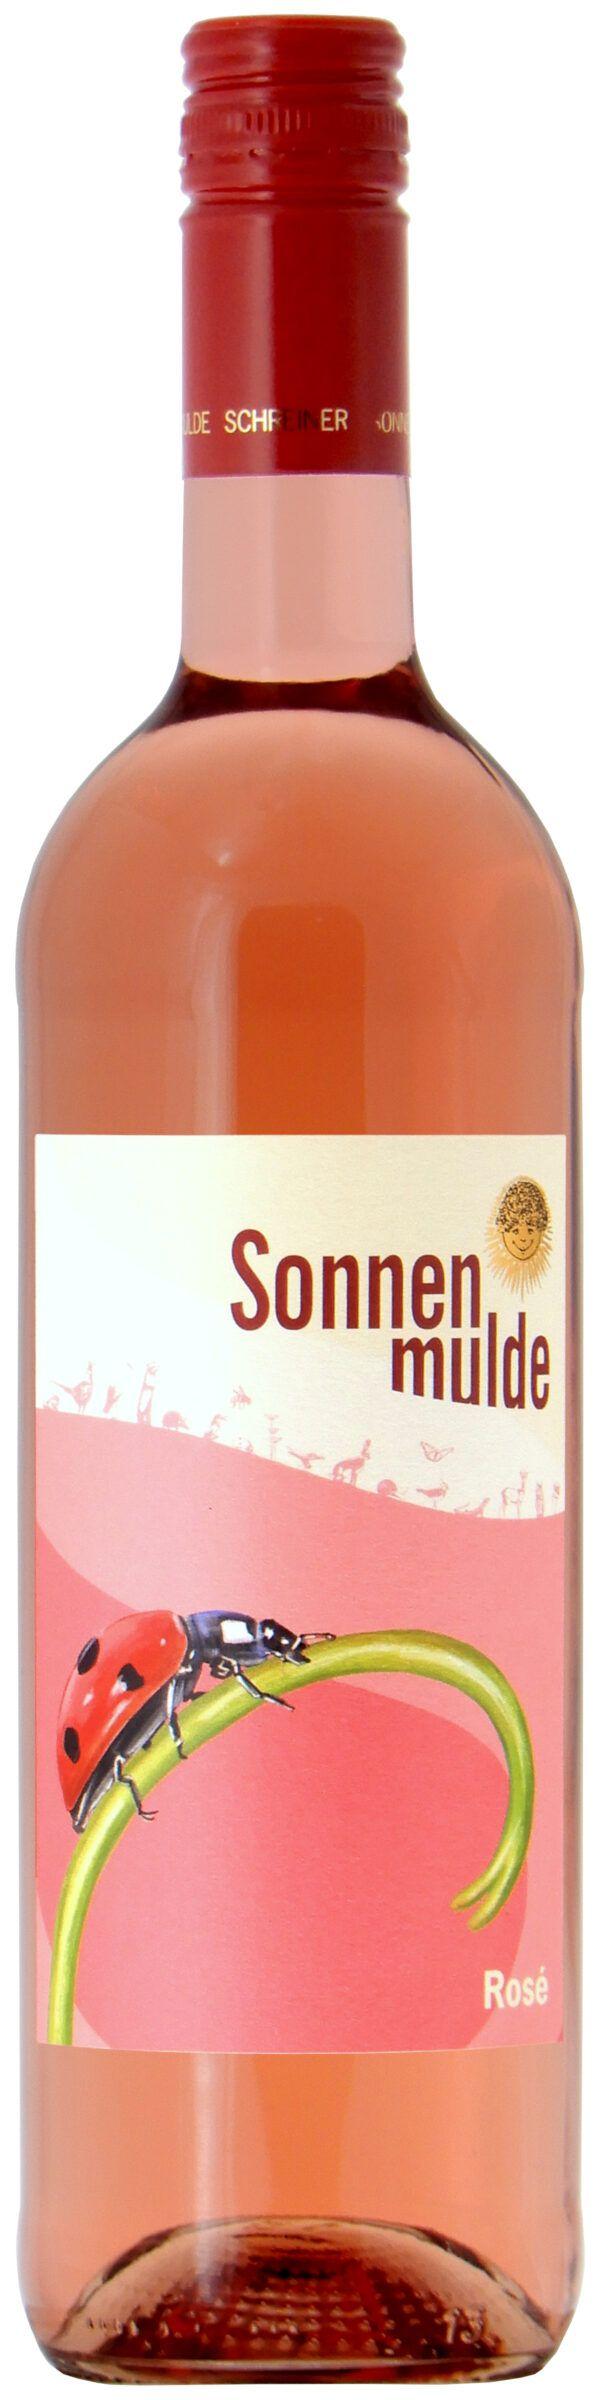 Sonnenmulde Bioweine Rosé Bio-Qualitätswein Blaufränkisch trocken 6x0,75l